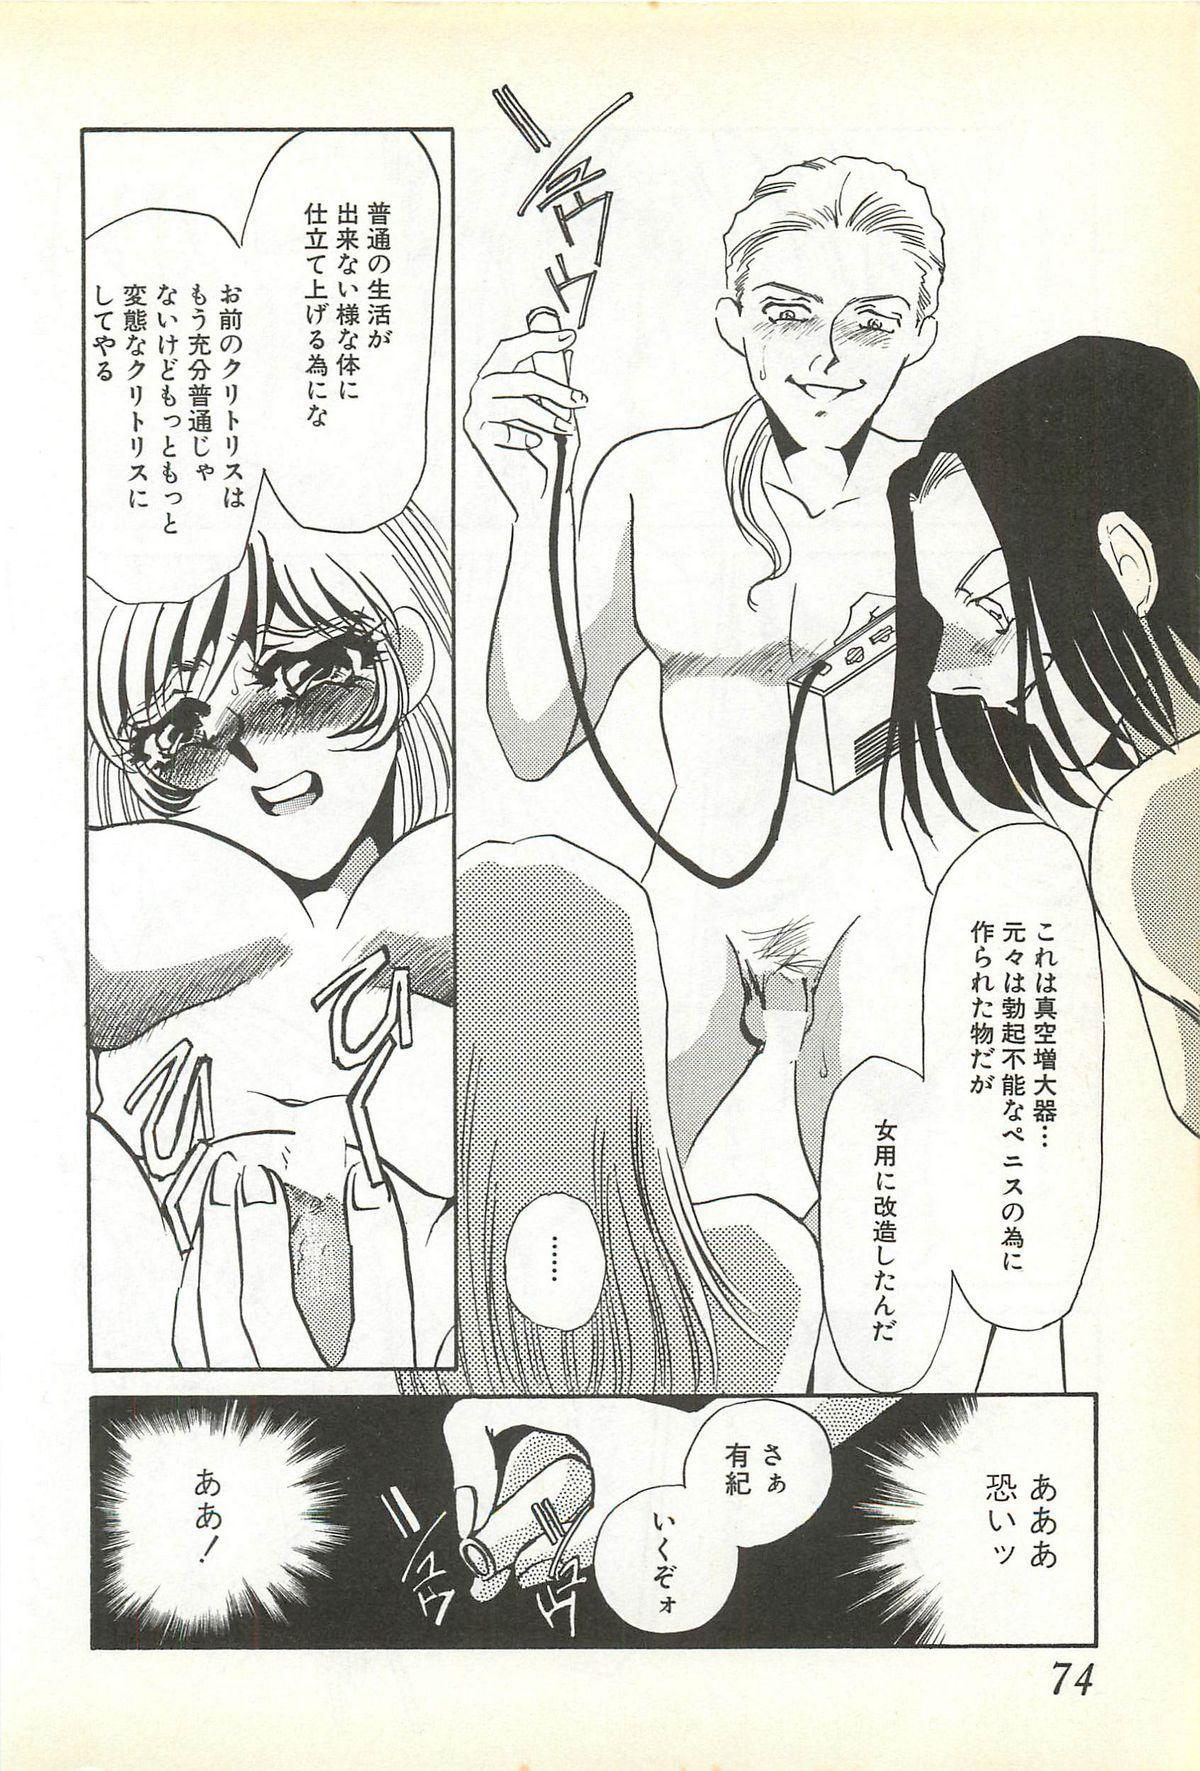 Chigyaku no Heya - A Shameful Punishment Room 70